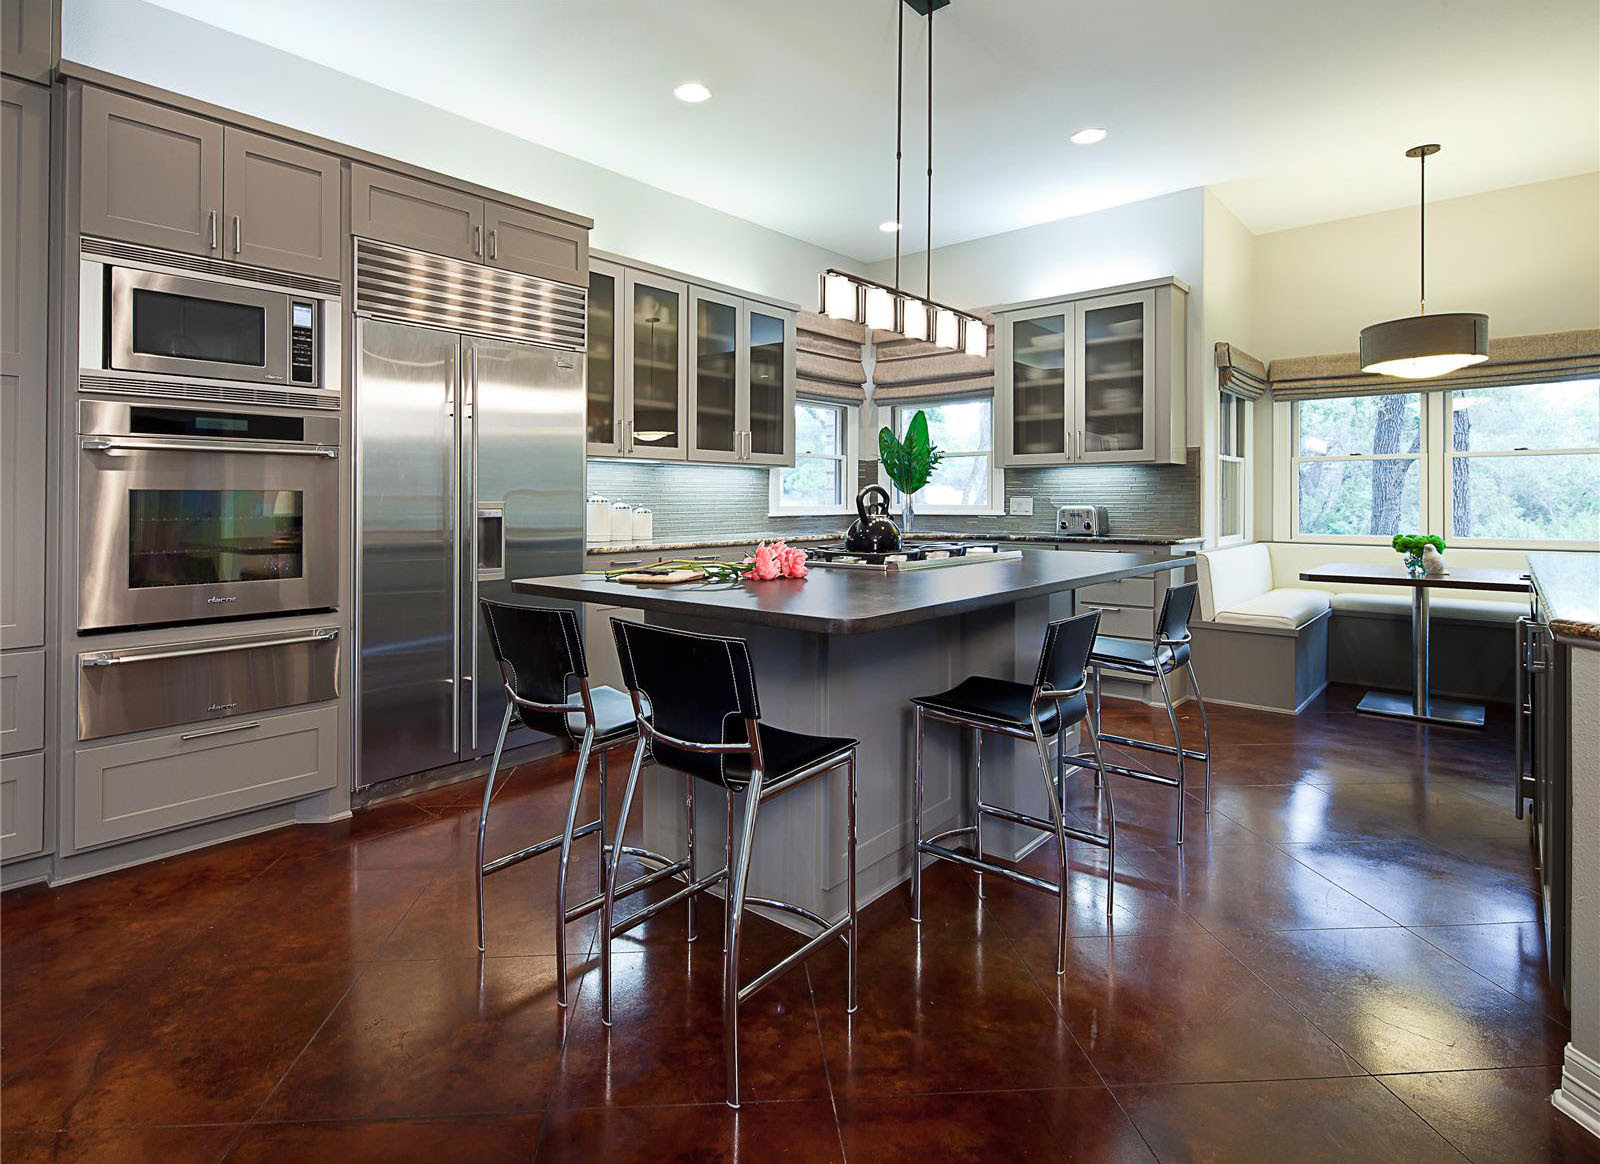 Open Contemporary Kitchen Design Ideas | iDesignArch ...